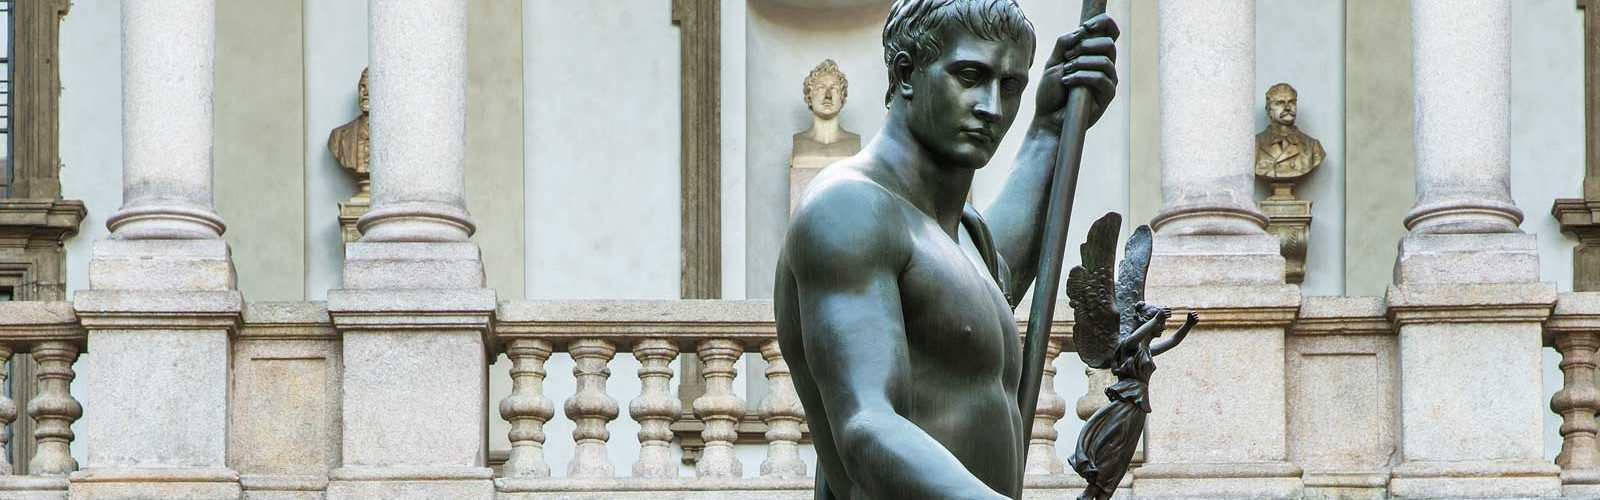 Buon compleanno Pinacoteca di Brera!